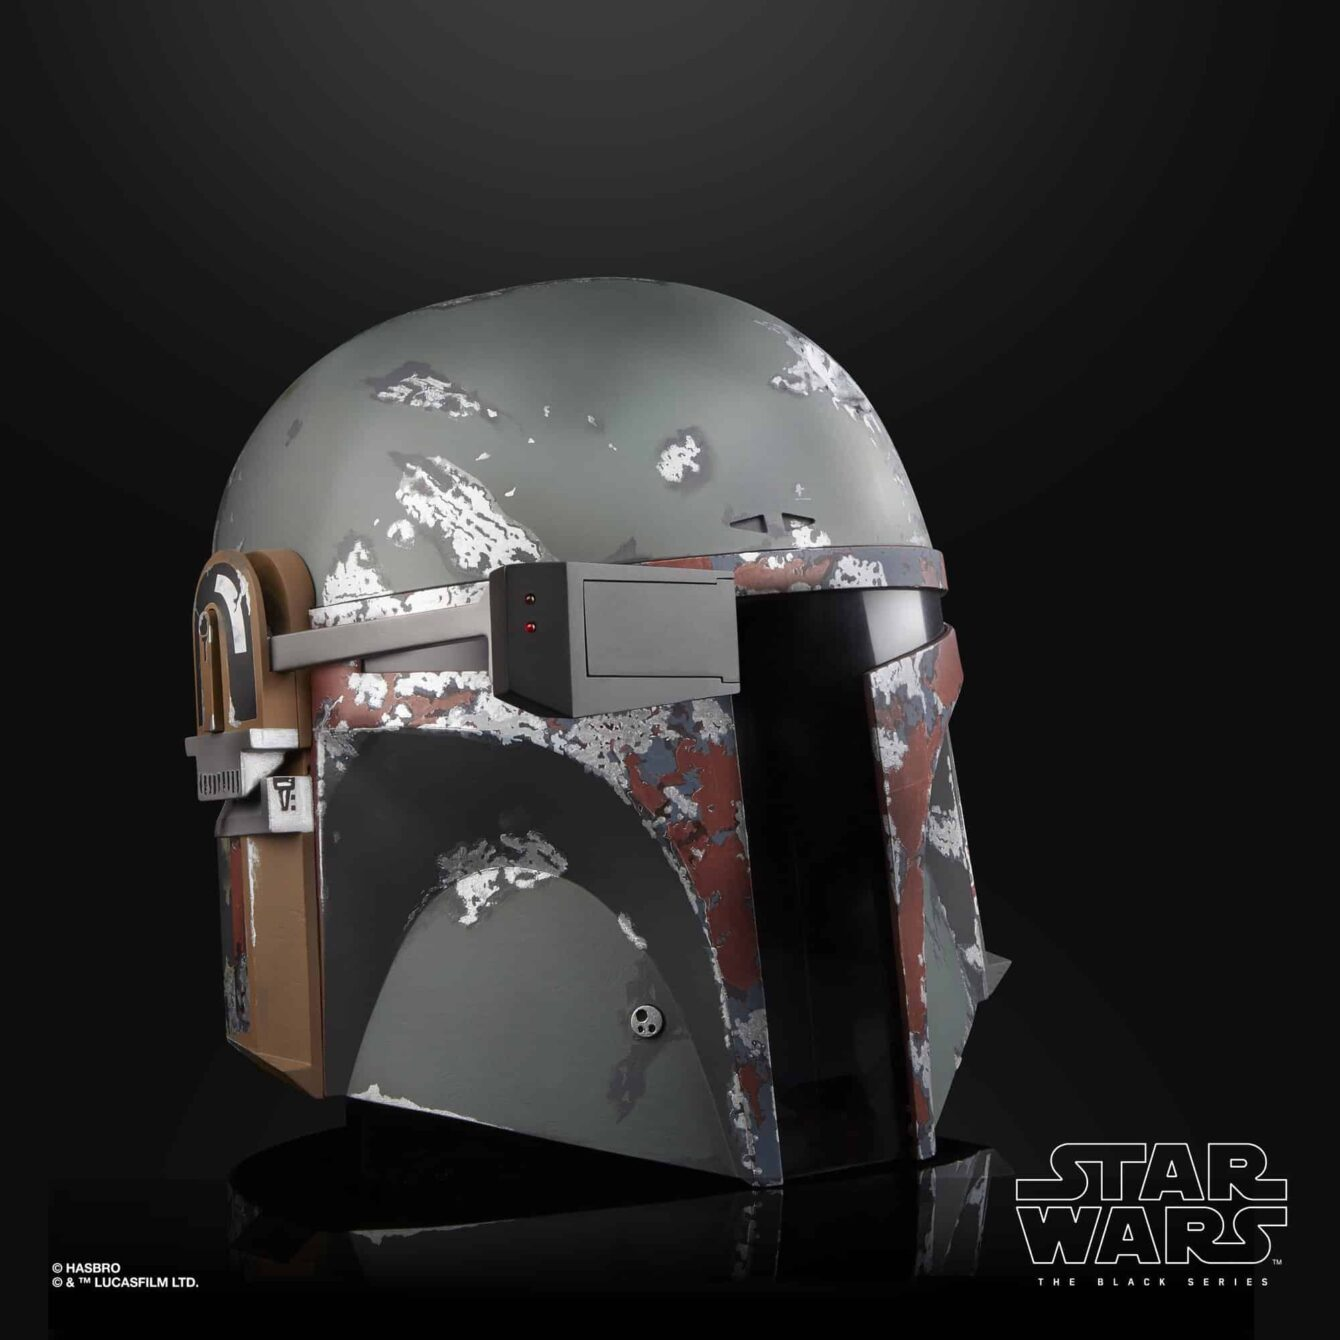 The Black Series Boba Fett Helmet